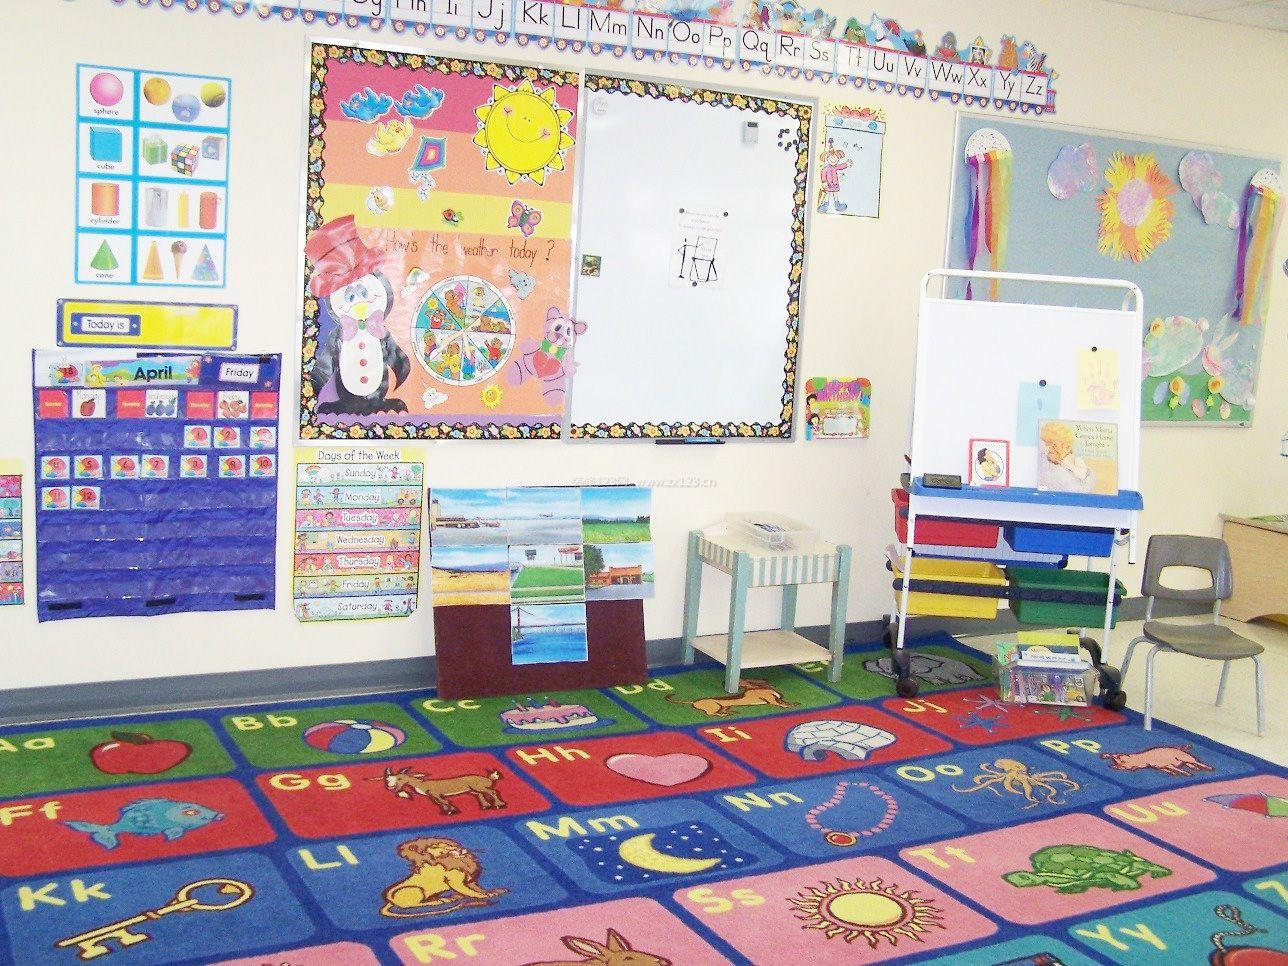 幼儿园中班教室主题墙布置效果图片